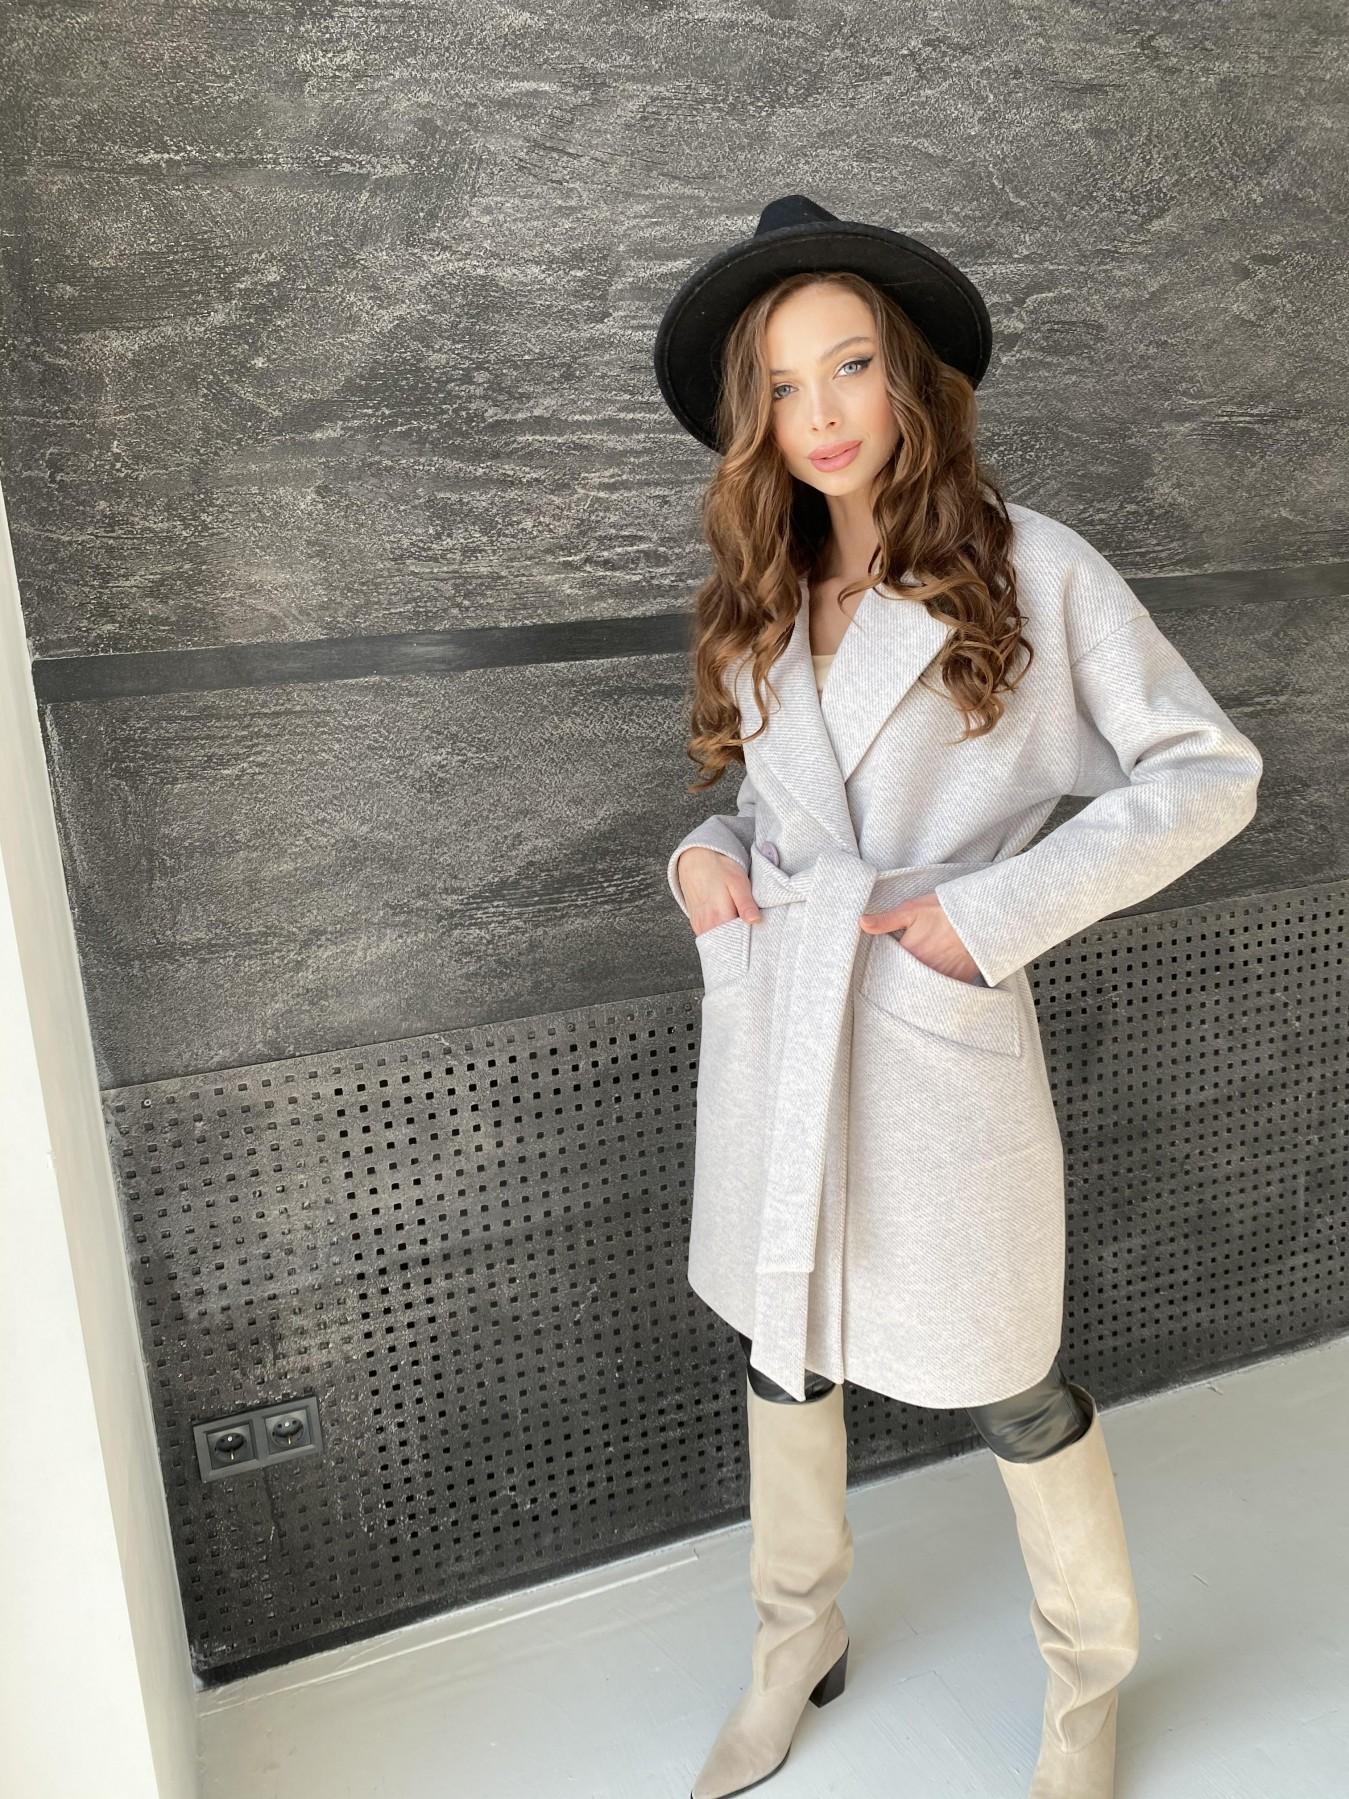 Сенсей Флеш пальто 10662 АРТ. 47187 Цвет: Бежевый 22 - фото 6, интернет магазин tm-modus.ru